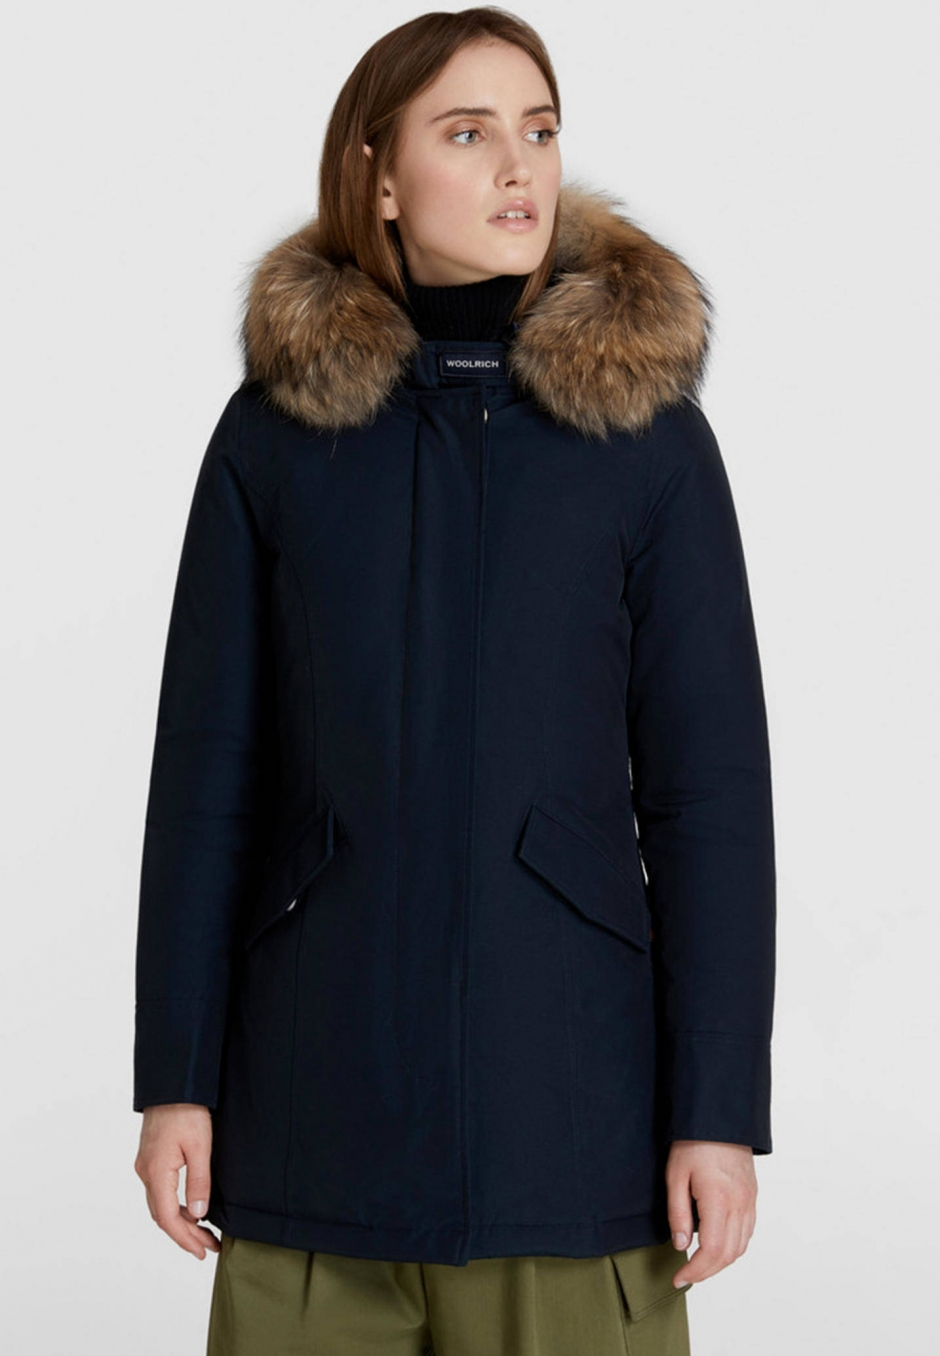 Woolrich W's Arctic Parka FR N